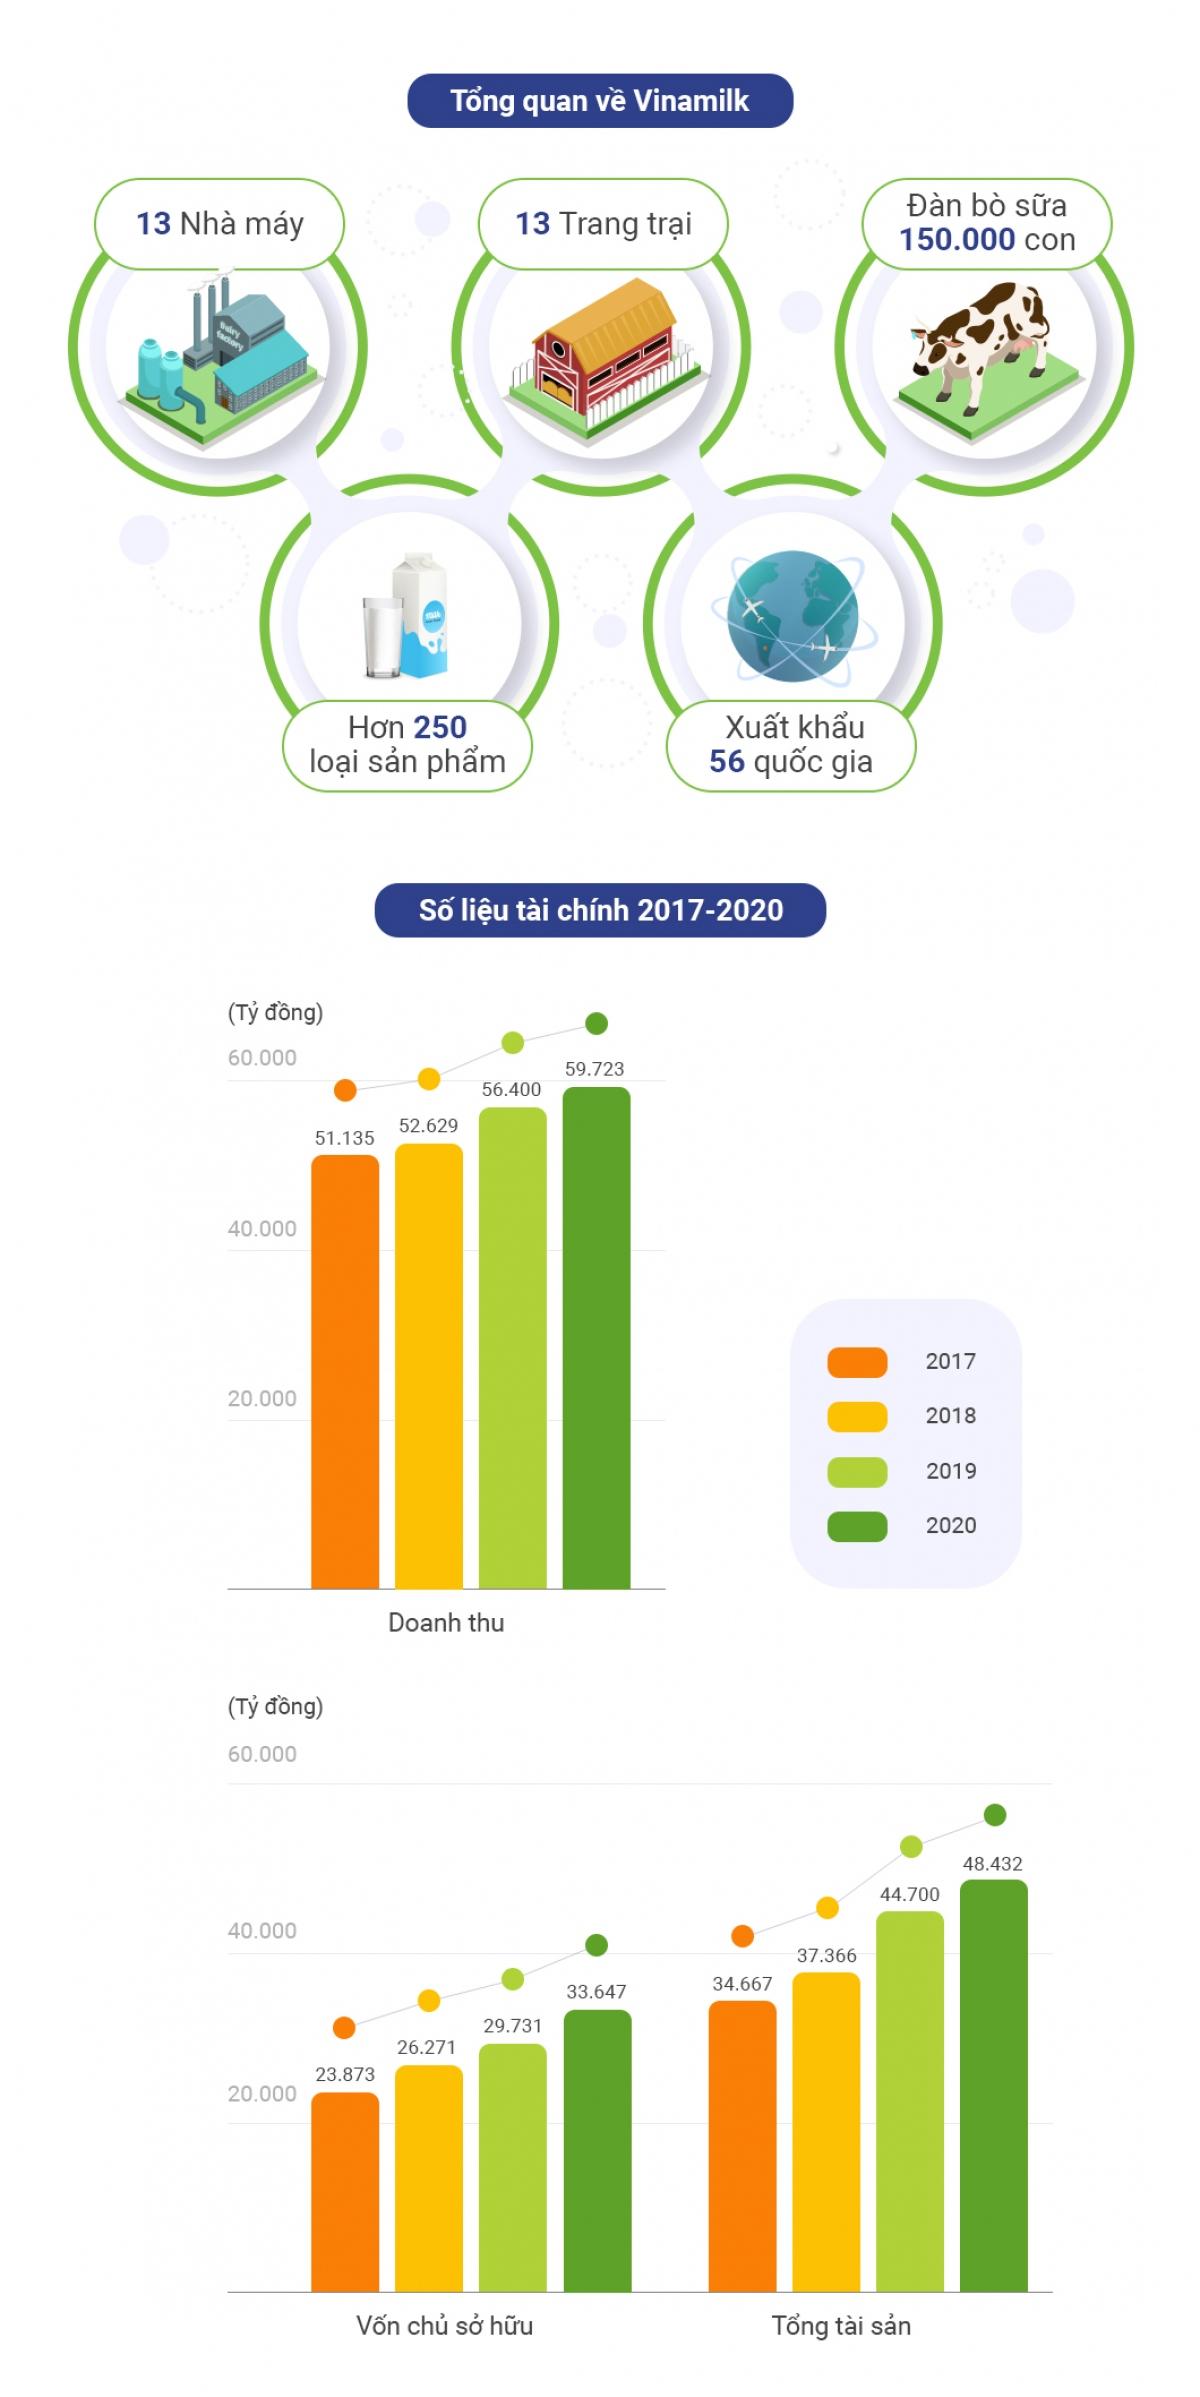 Tổng quan và số liệu tài chính của Vinamilk